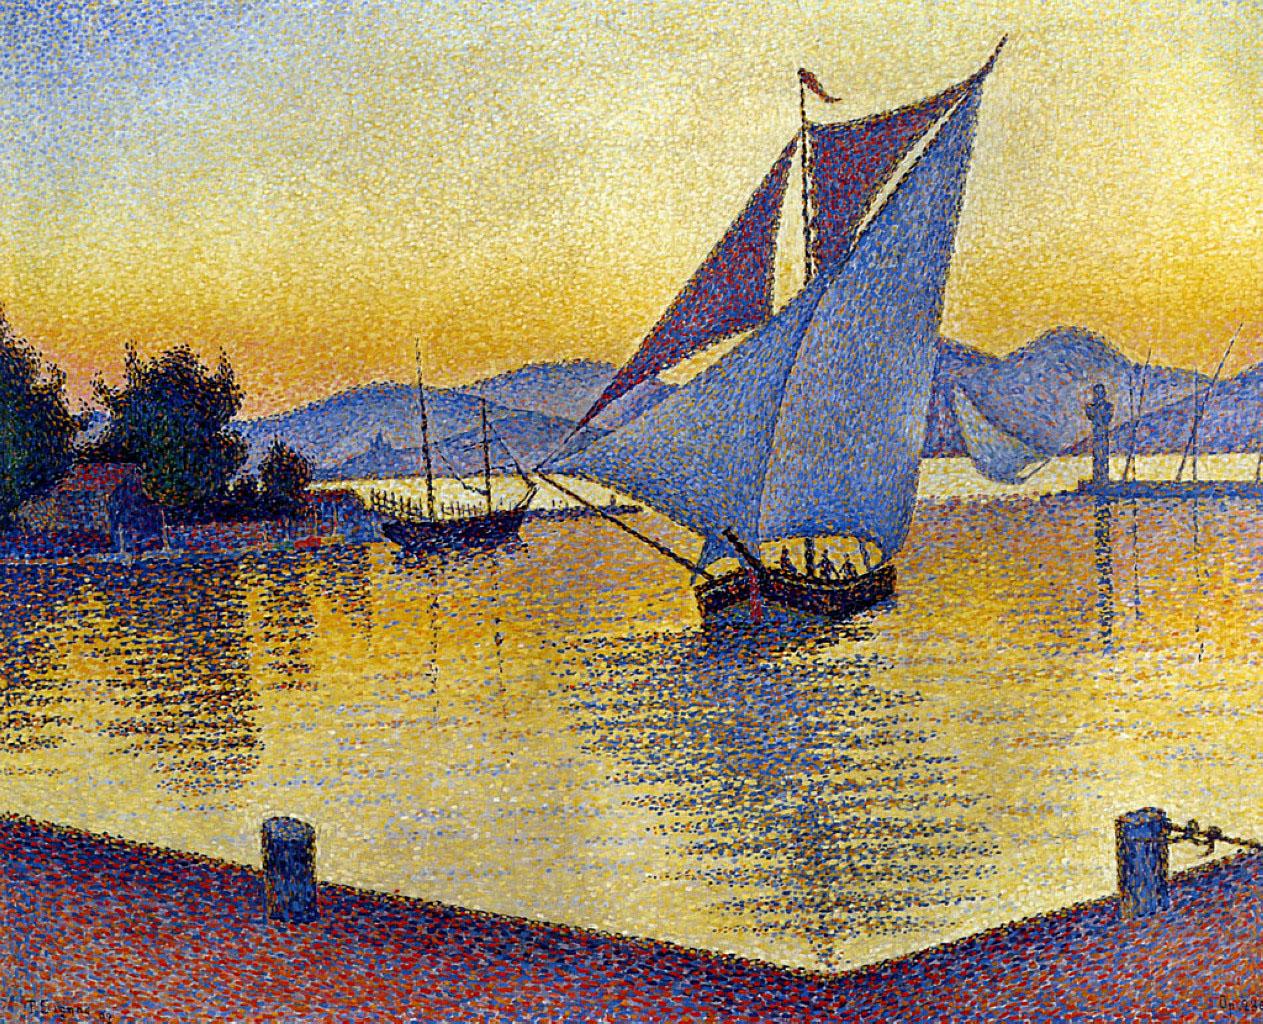 художник Поль Синьяк Paul Signac картина порт Сен Тропе пейзажи природы Альберт Сафиуллин